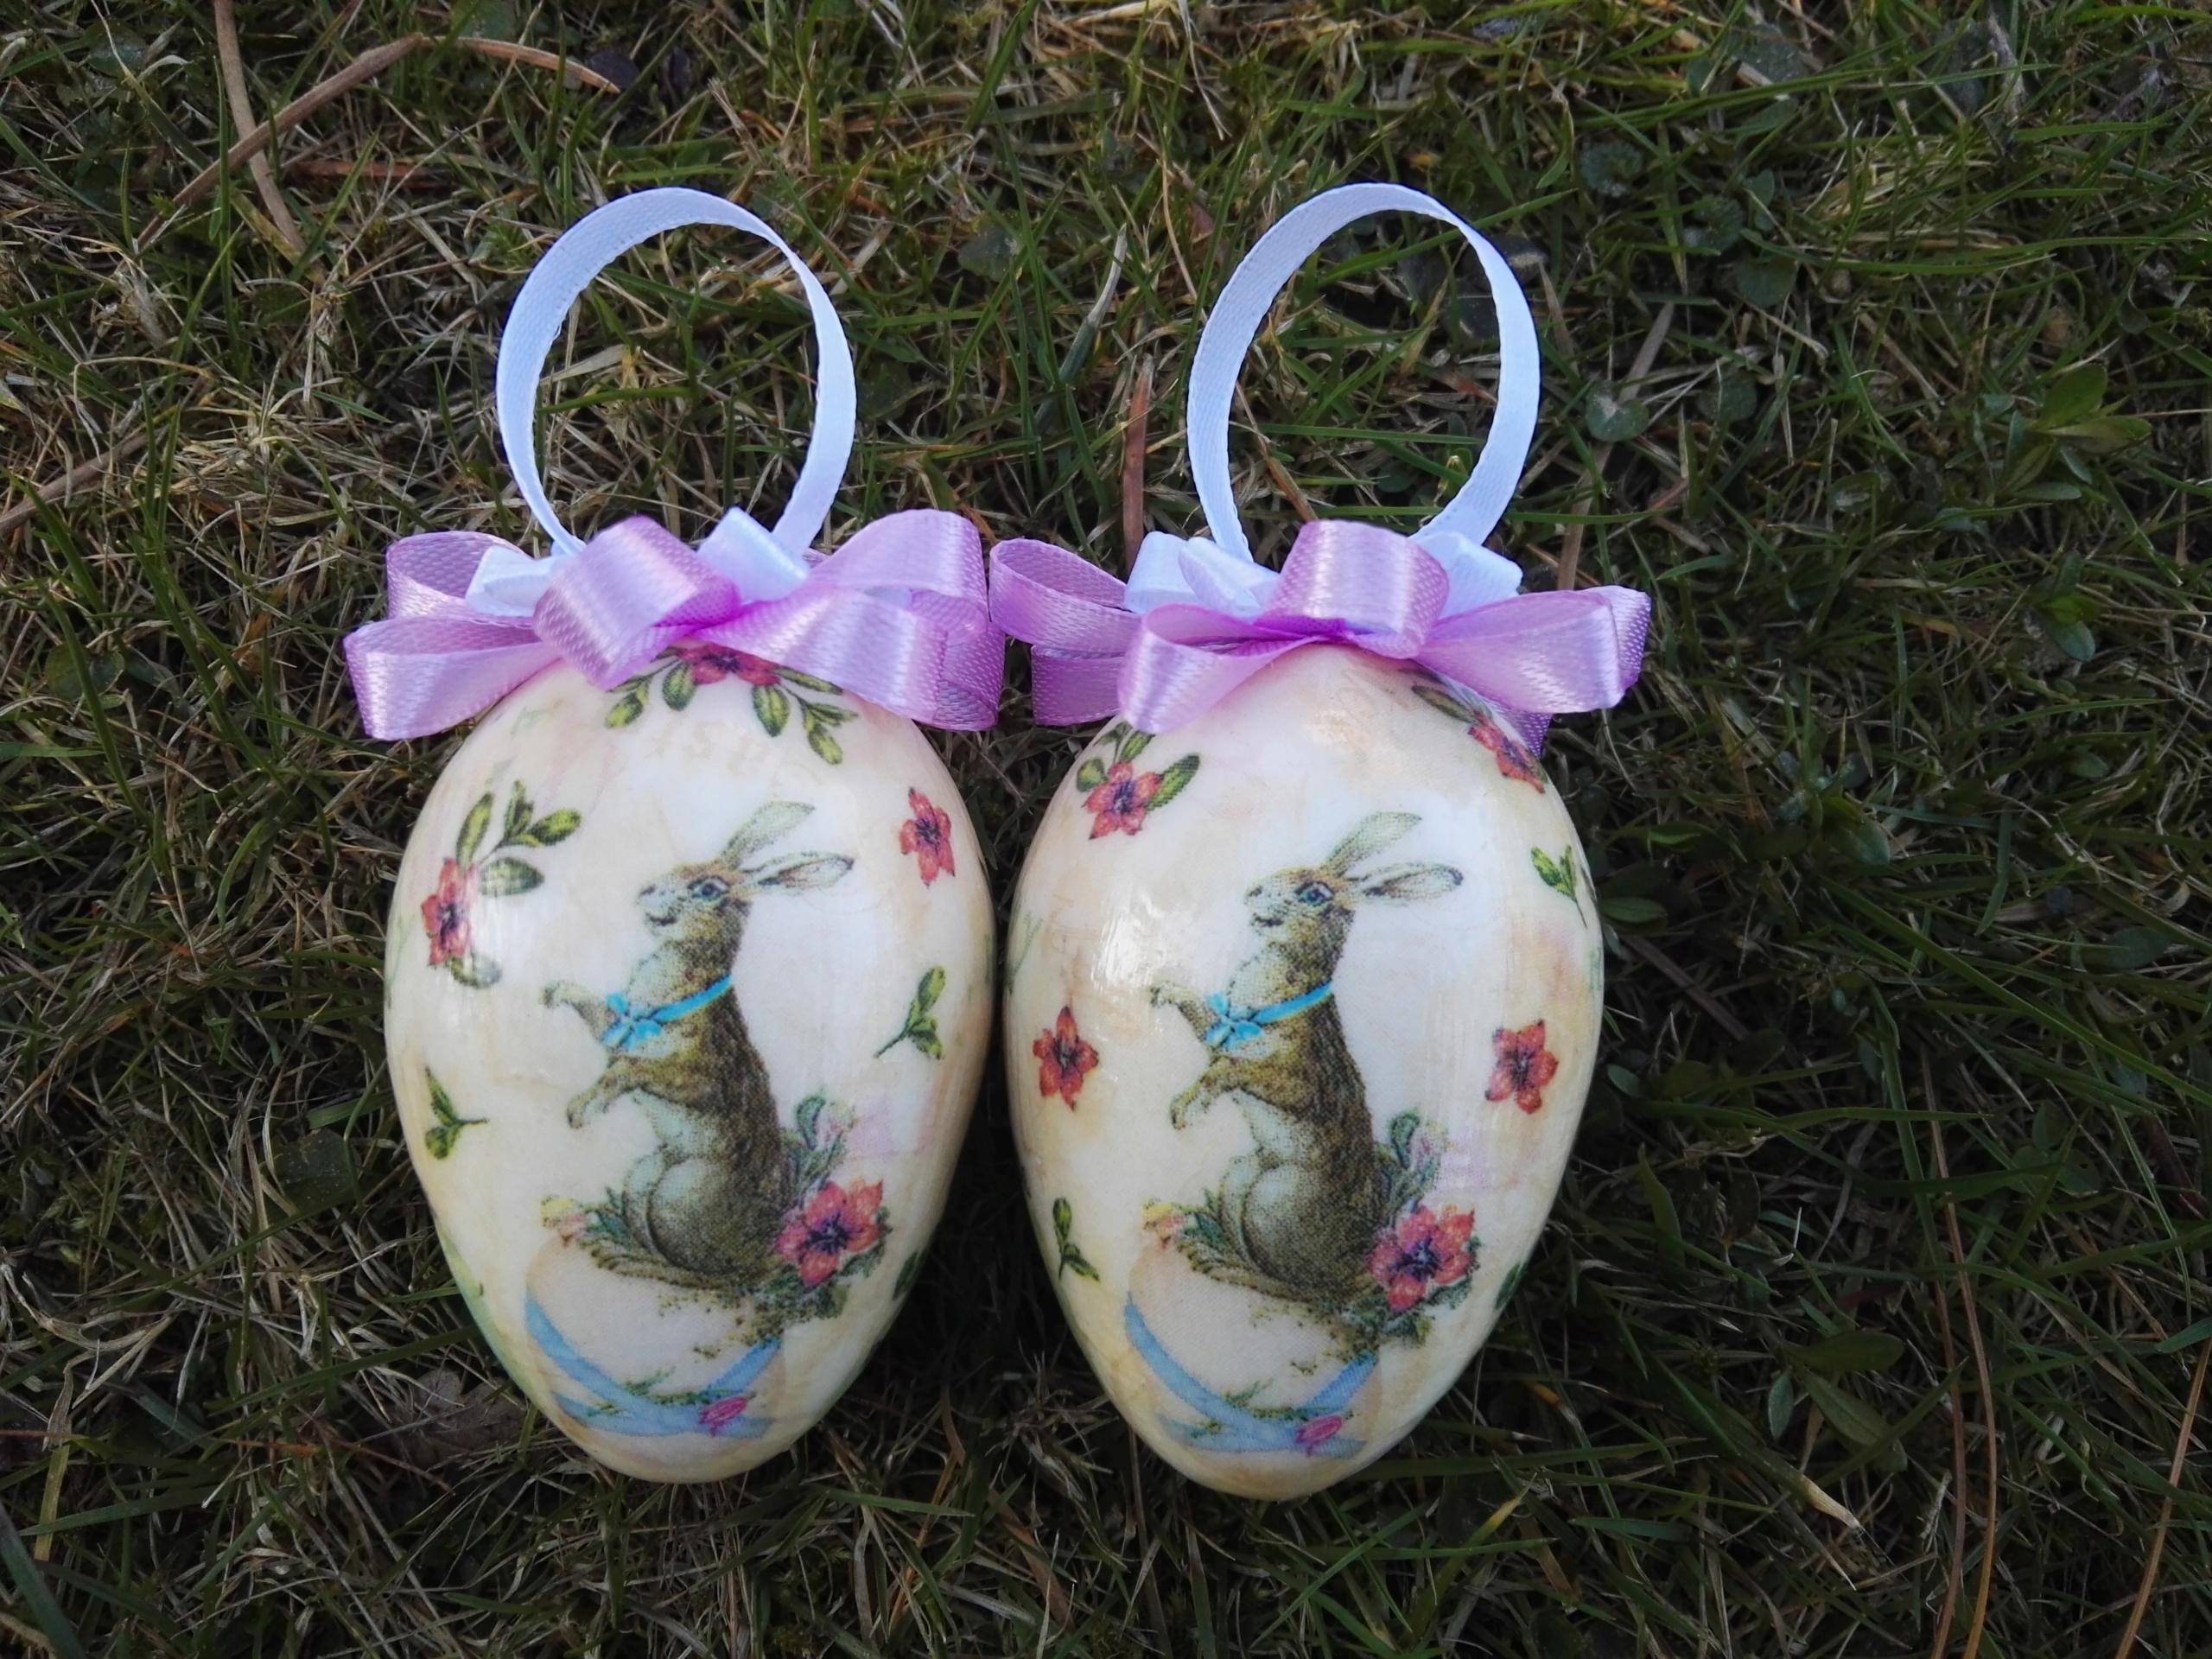 JAJKA,PISANKI DECOUPAGE 7cm,zajączki,Wielkanoc